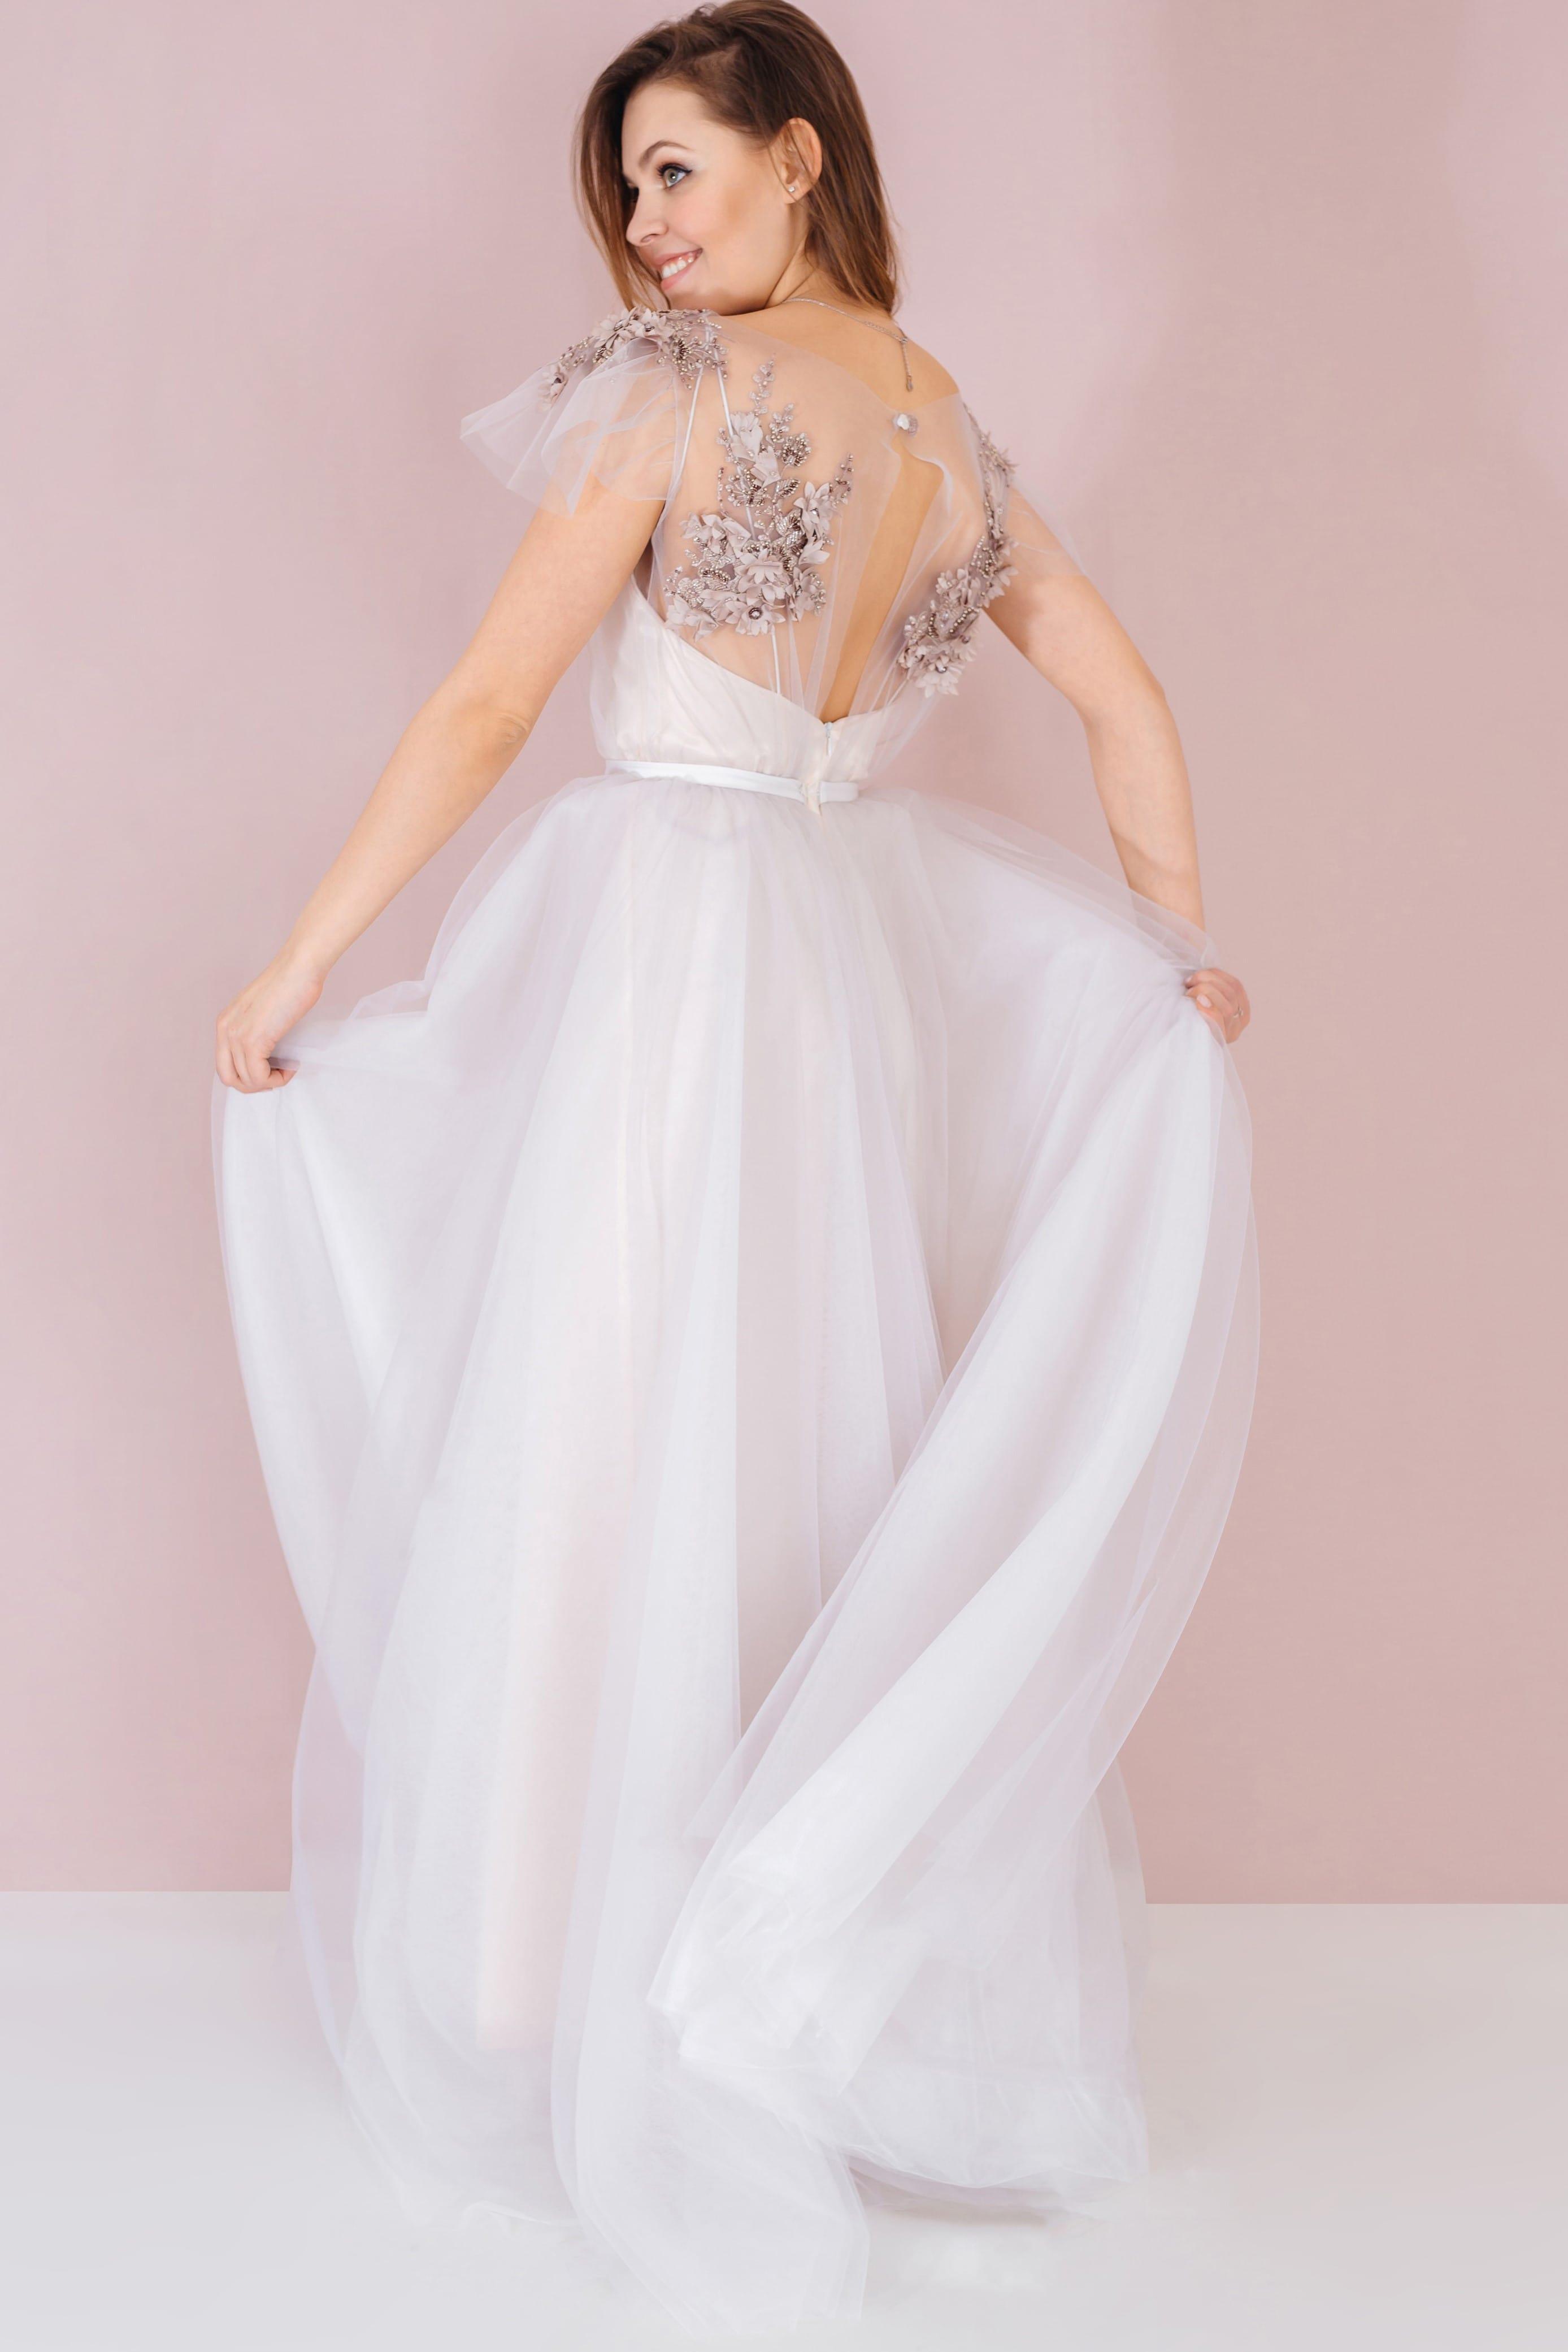 Свадебное платье LILO, коллекция LOFT, бренд RARE BRIDAL, фото 2